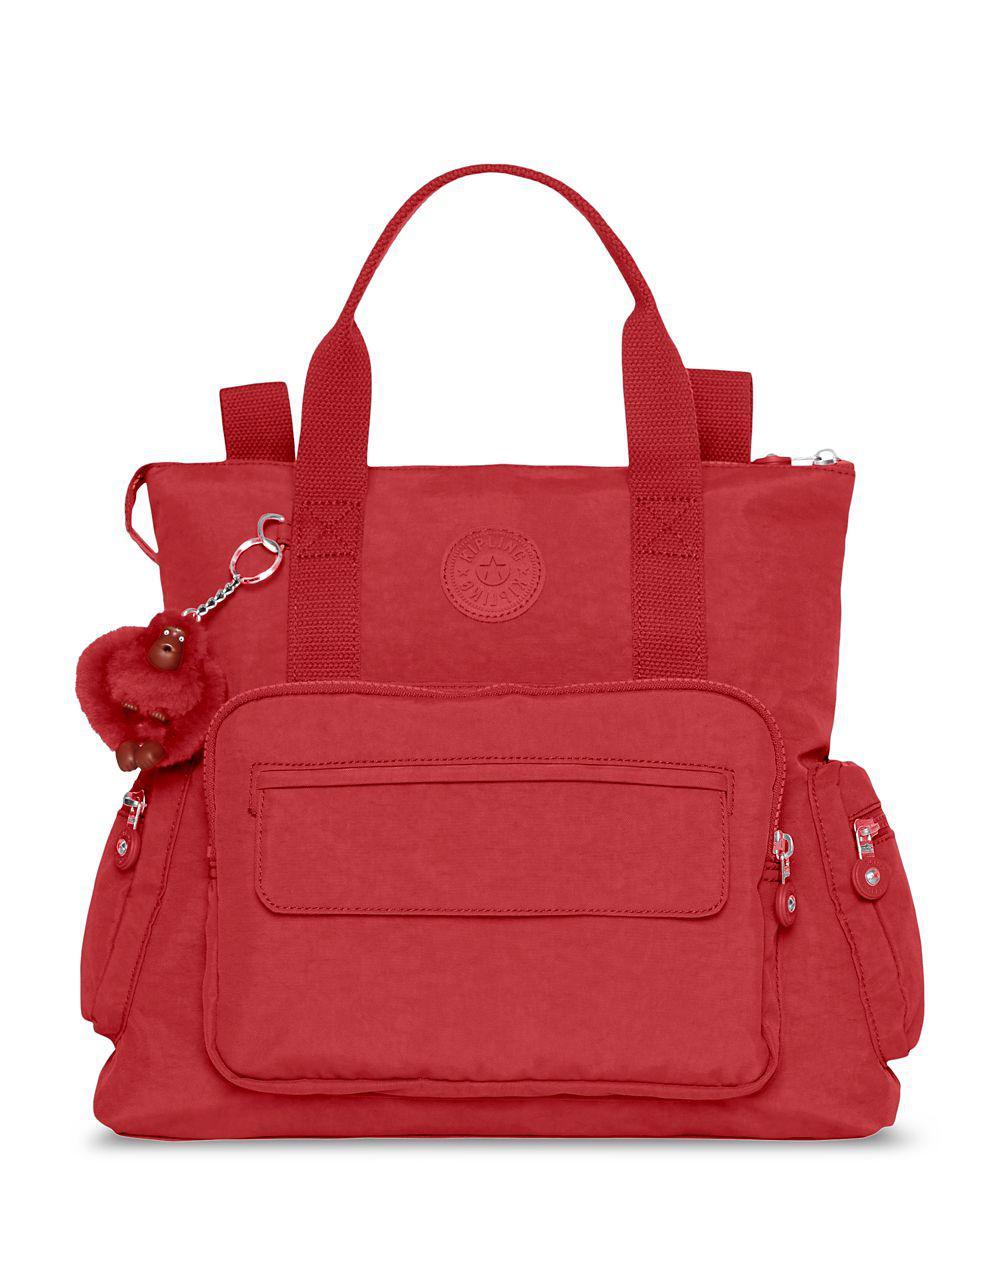 Lyst Kipling Alvy Convertible Handbag In Red